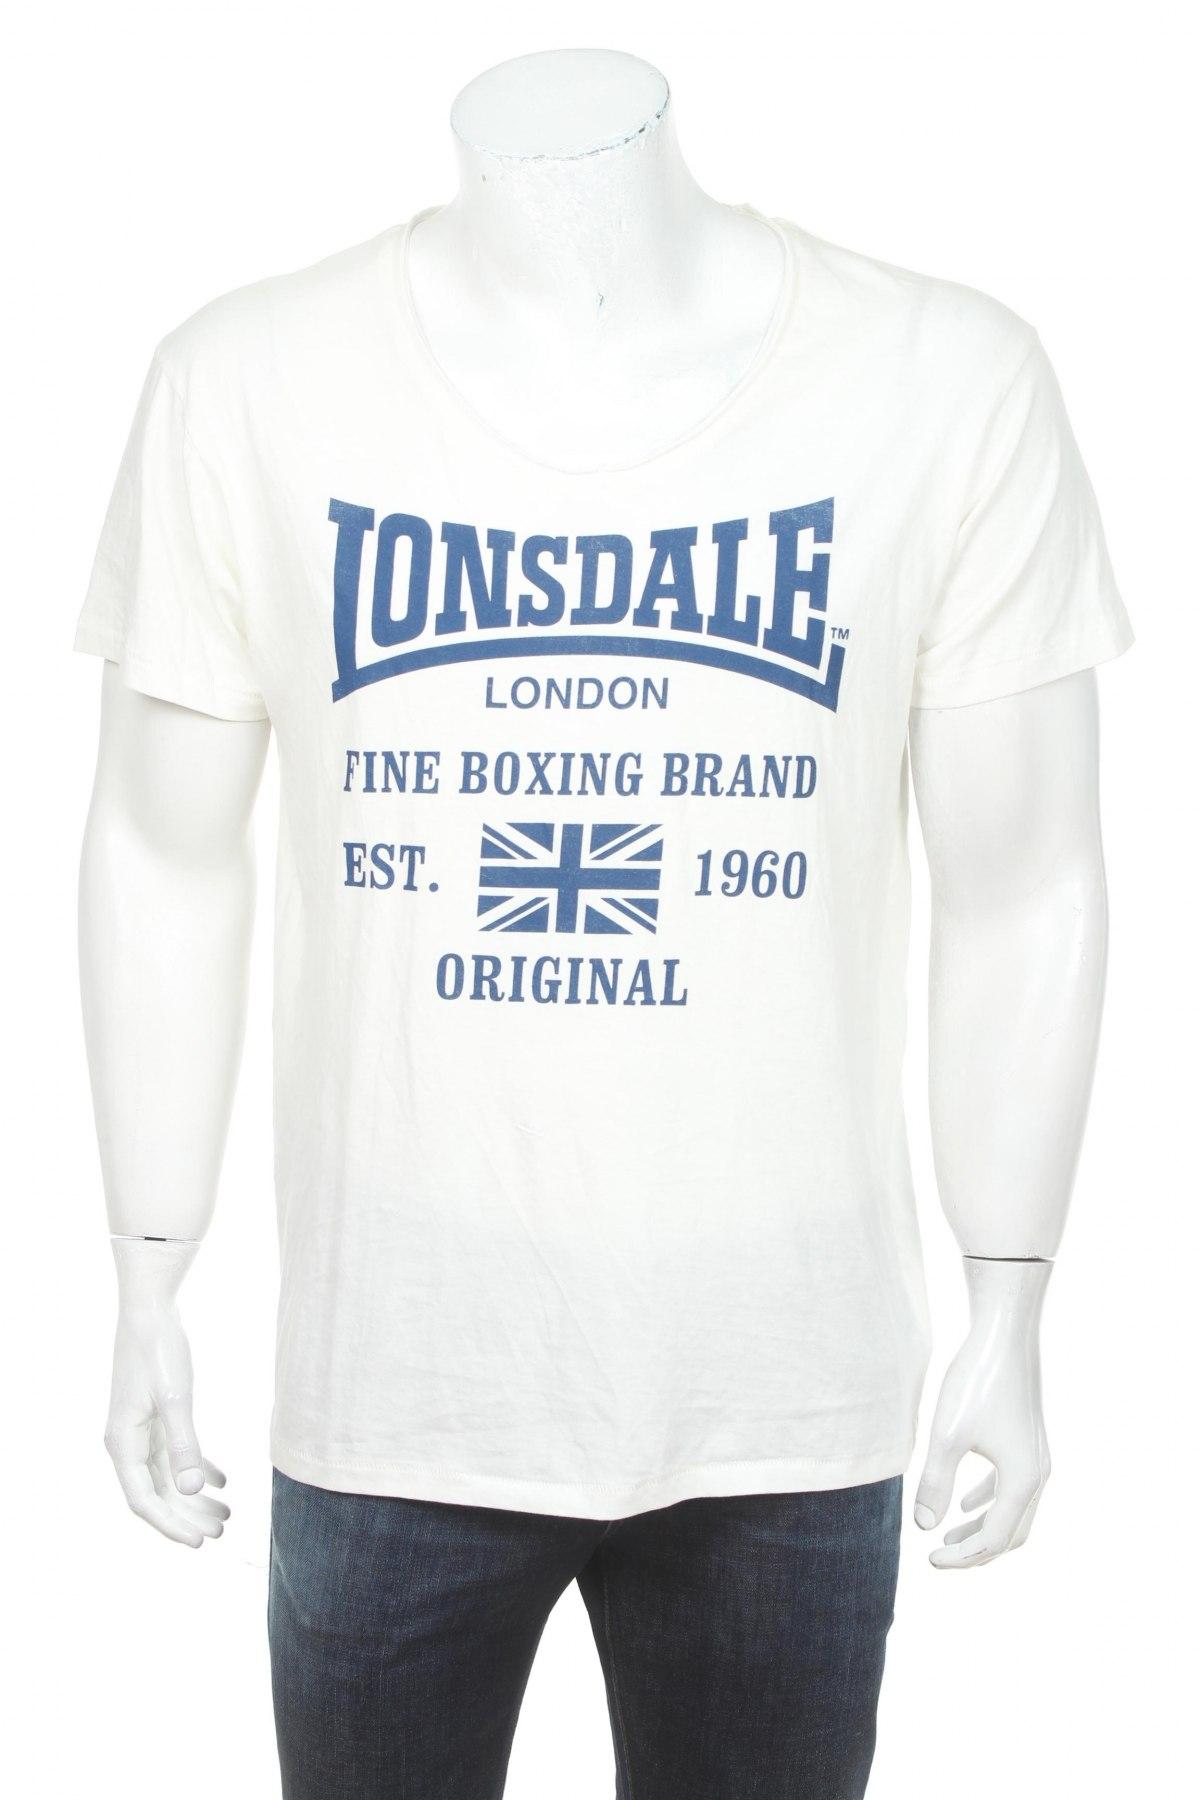 7fa5c0ccccaa Pánske tričko Lonsdale - za výhodnú cenu na Remix -  104628819